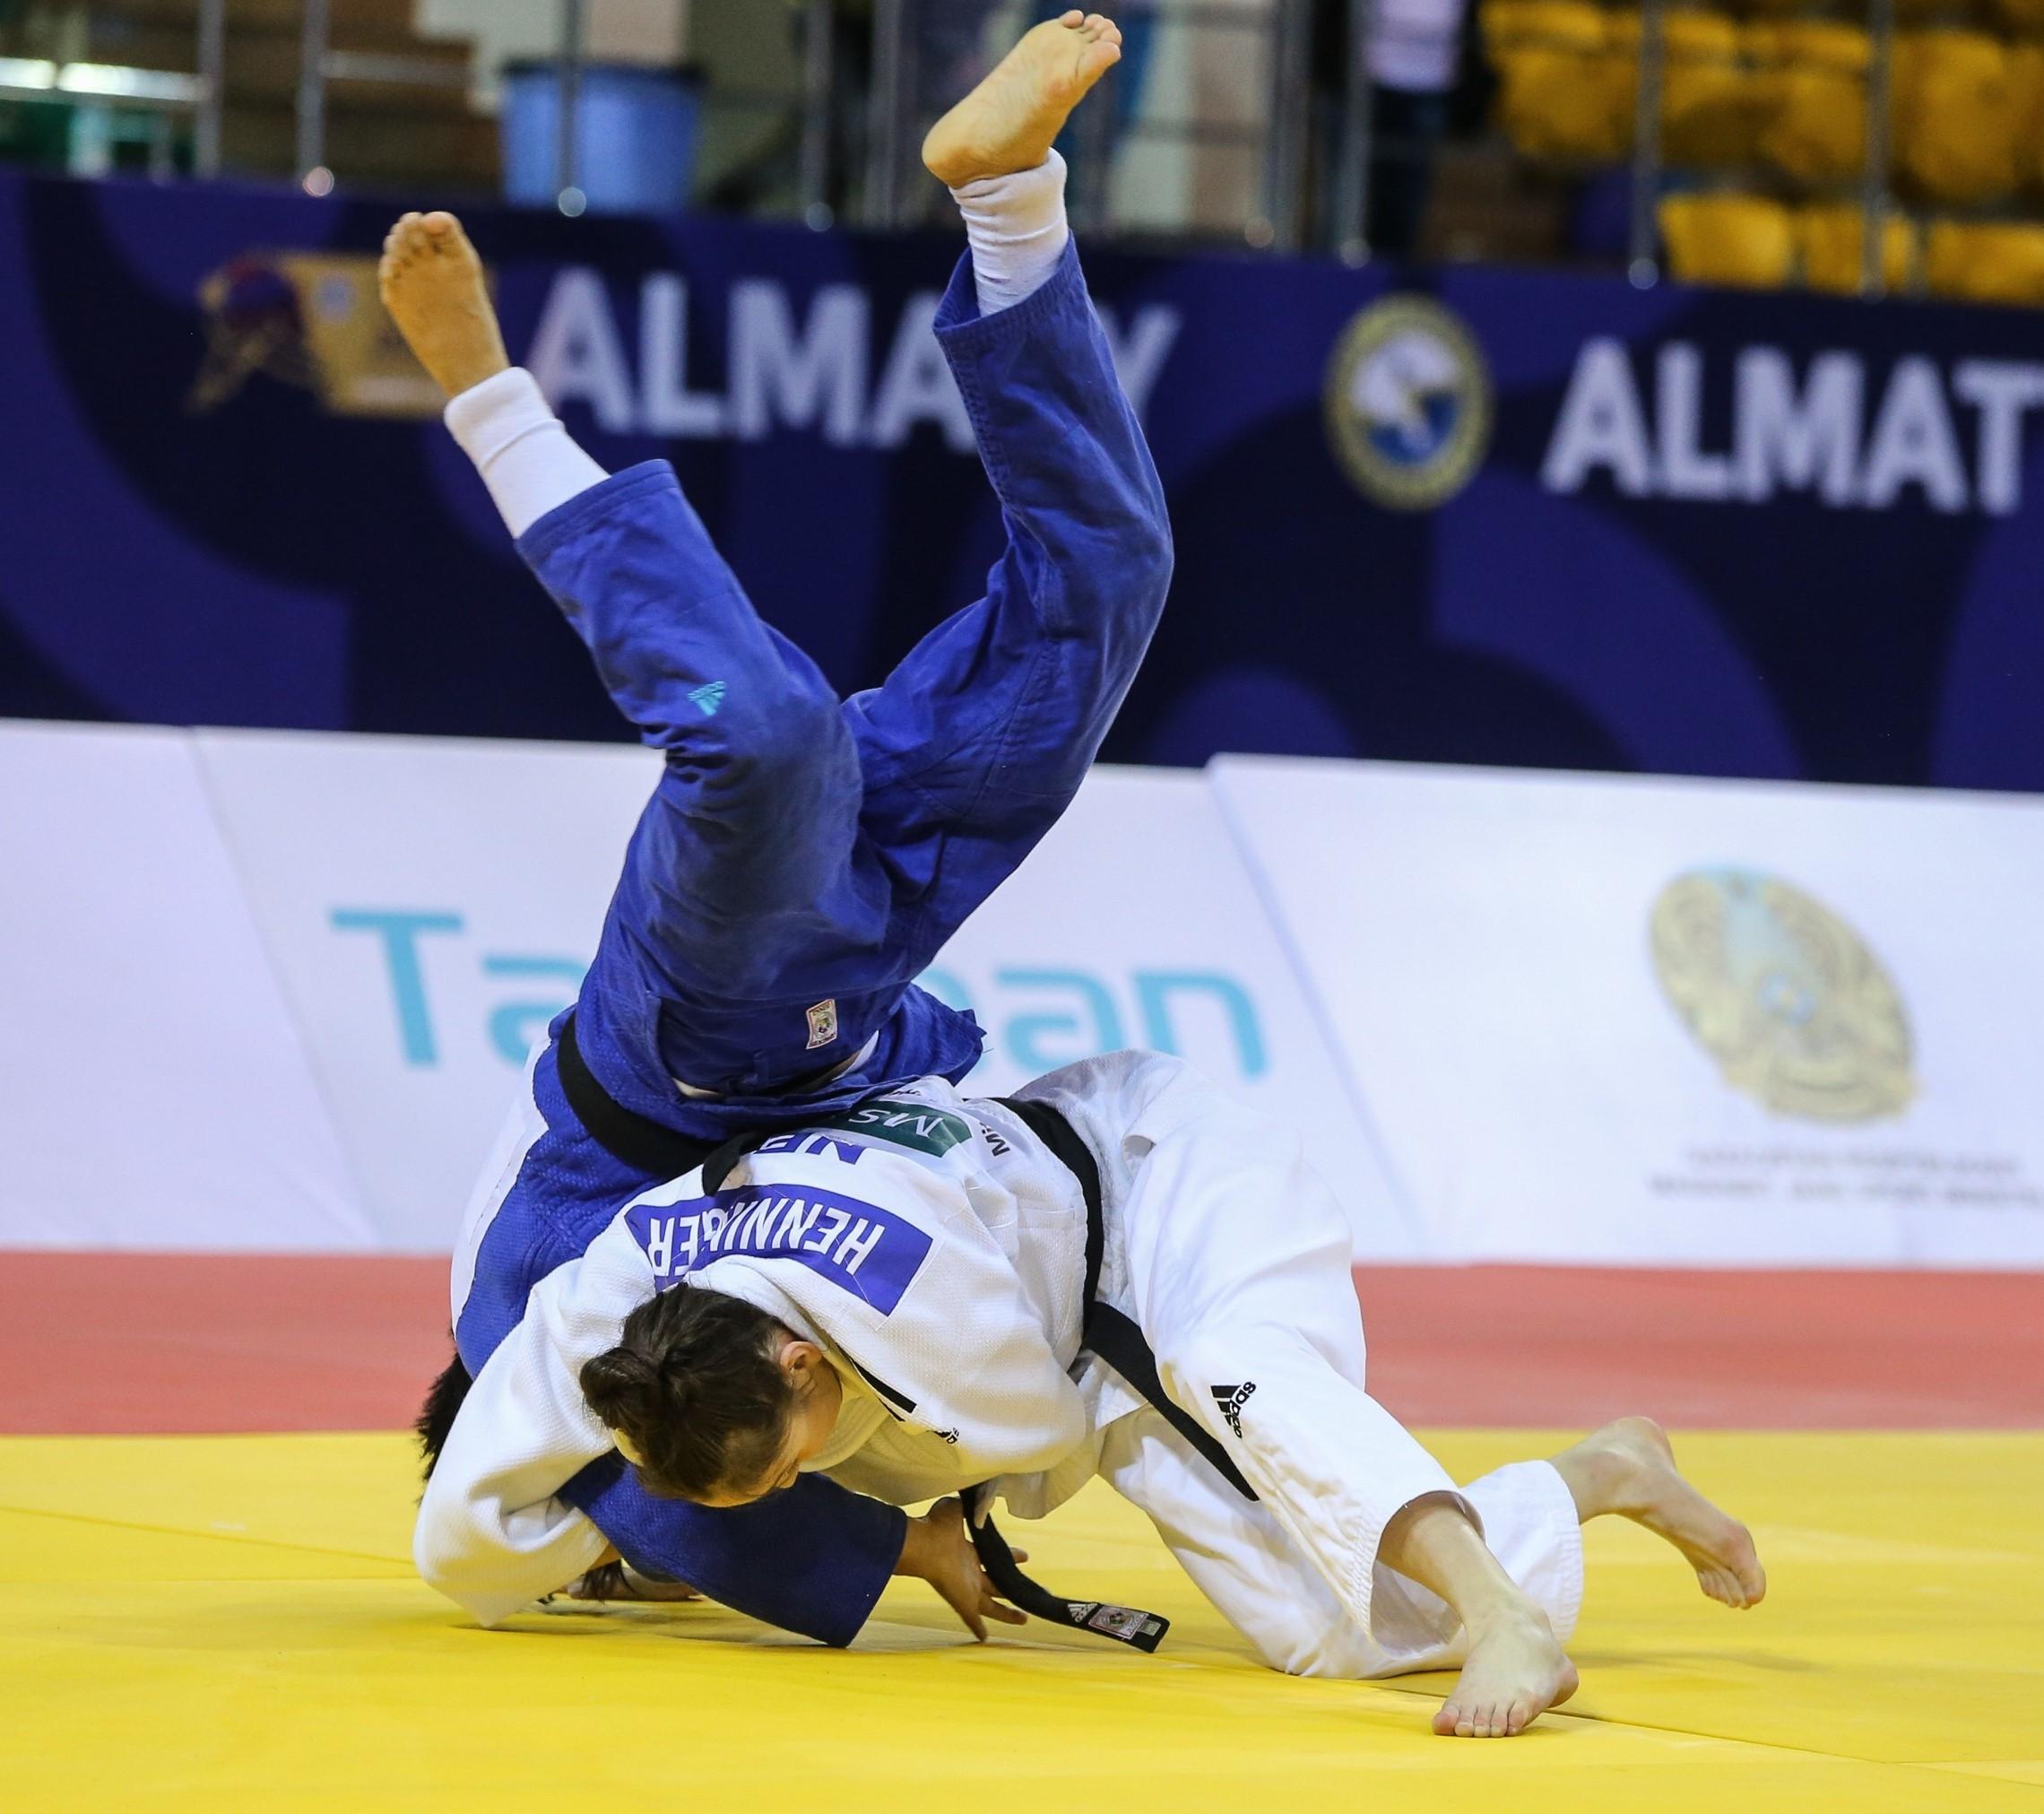 Apeldoornse judoka Elin scoort brons op WK tot 18 jaar